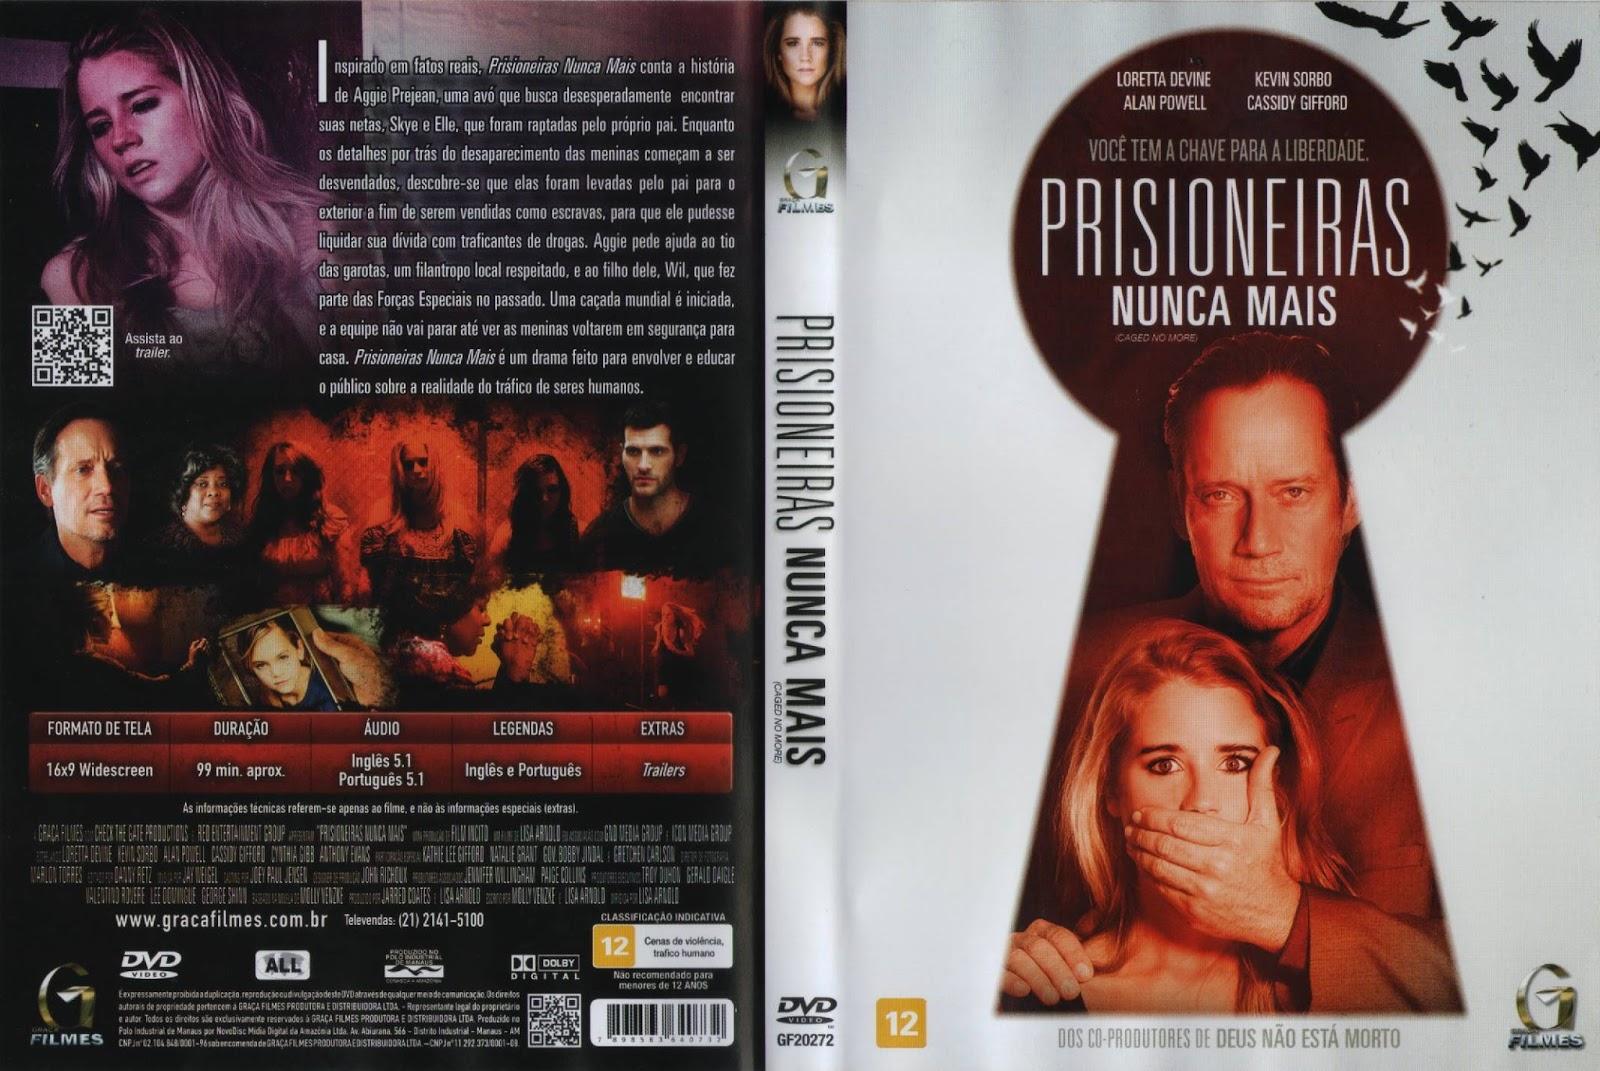 Resultado de imagem para Prisioneiras Nunca Mais capa